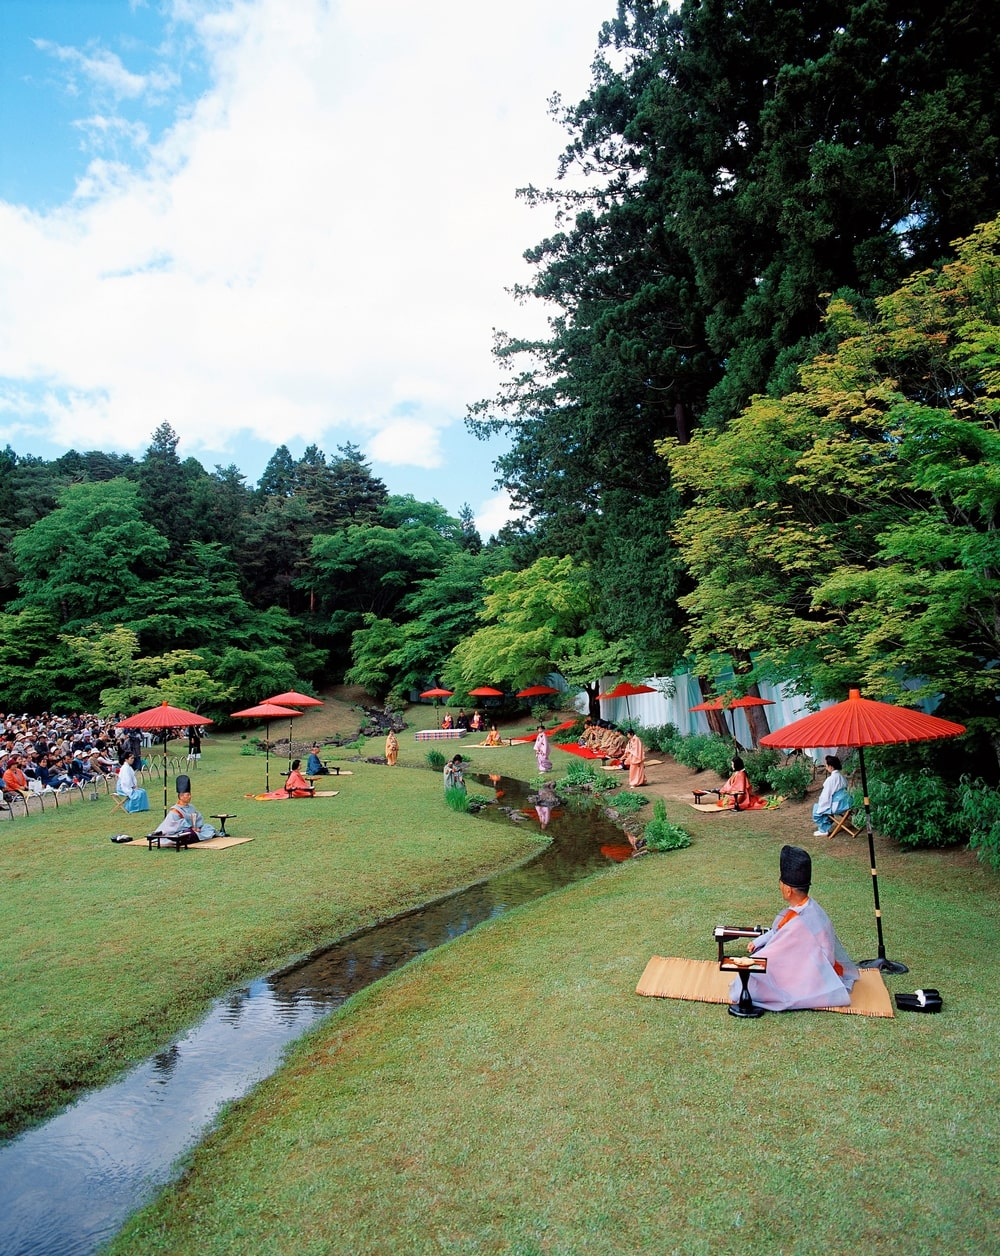 平安の歌遊びを再現した曲水の宴